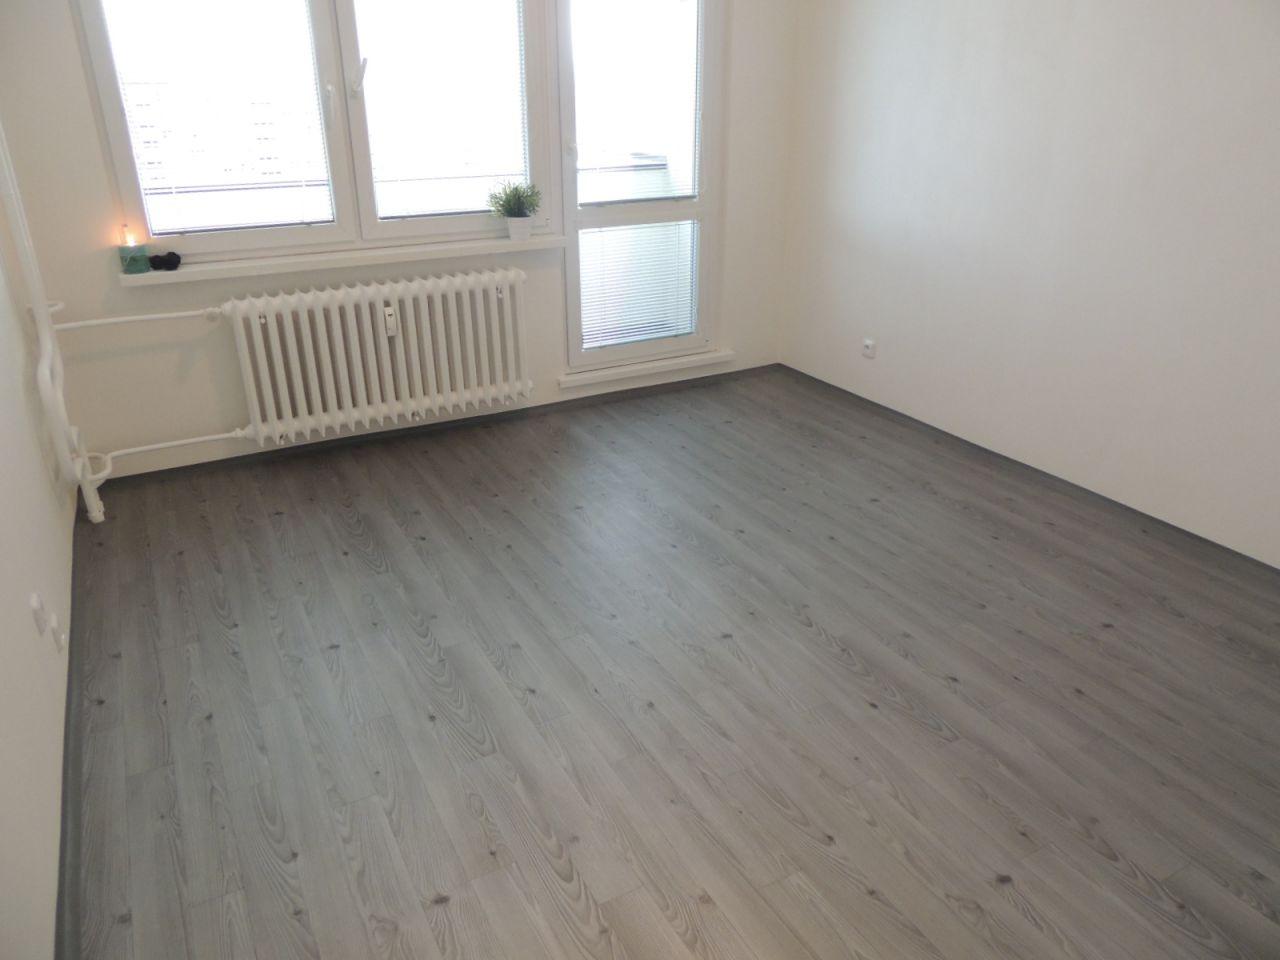 Pronájem bytu 2+1 50 m2, ul. Dr.Martínka 1161/61, Ostrava - Hrabůvka